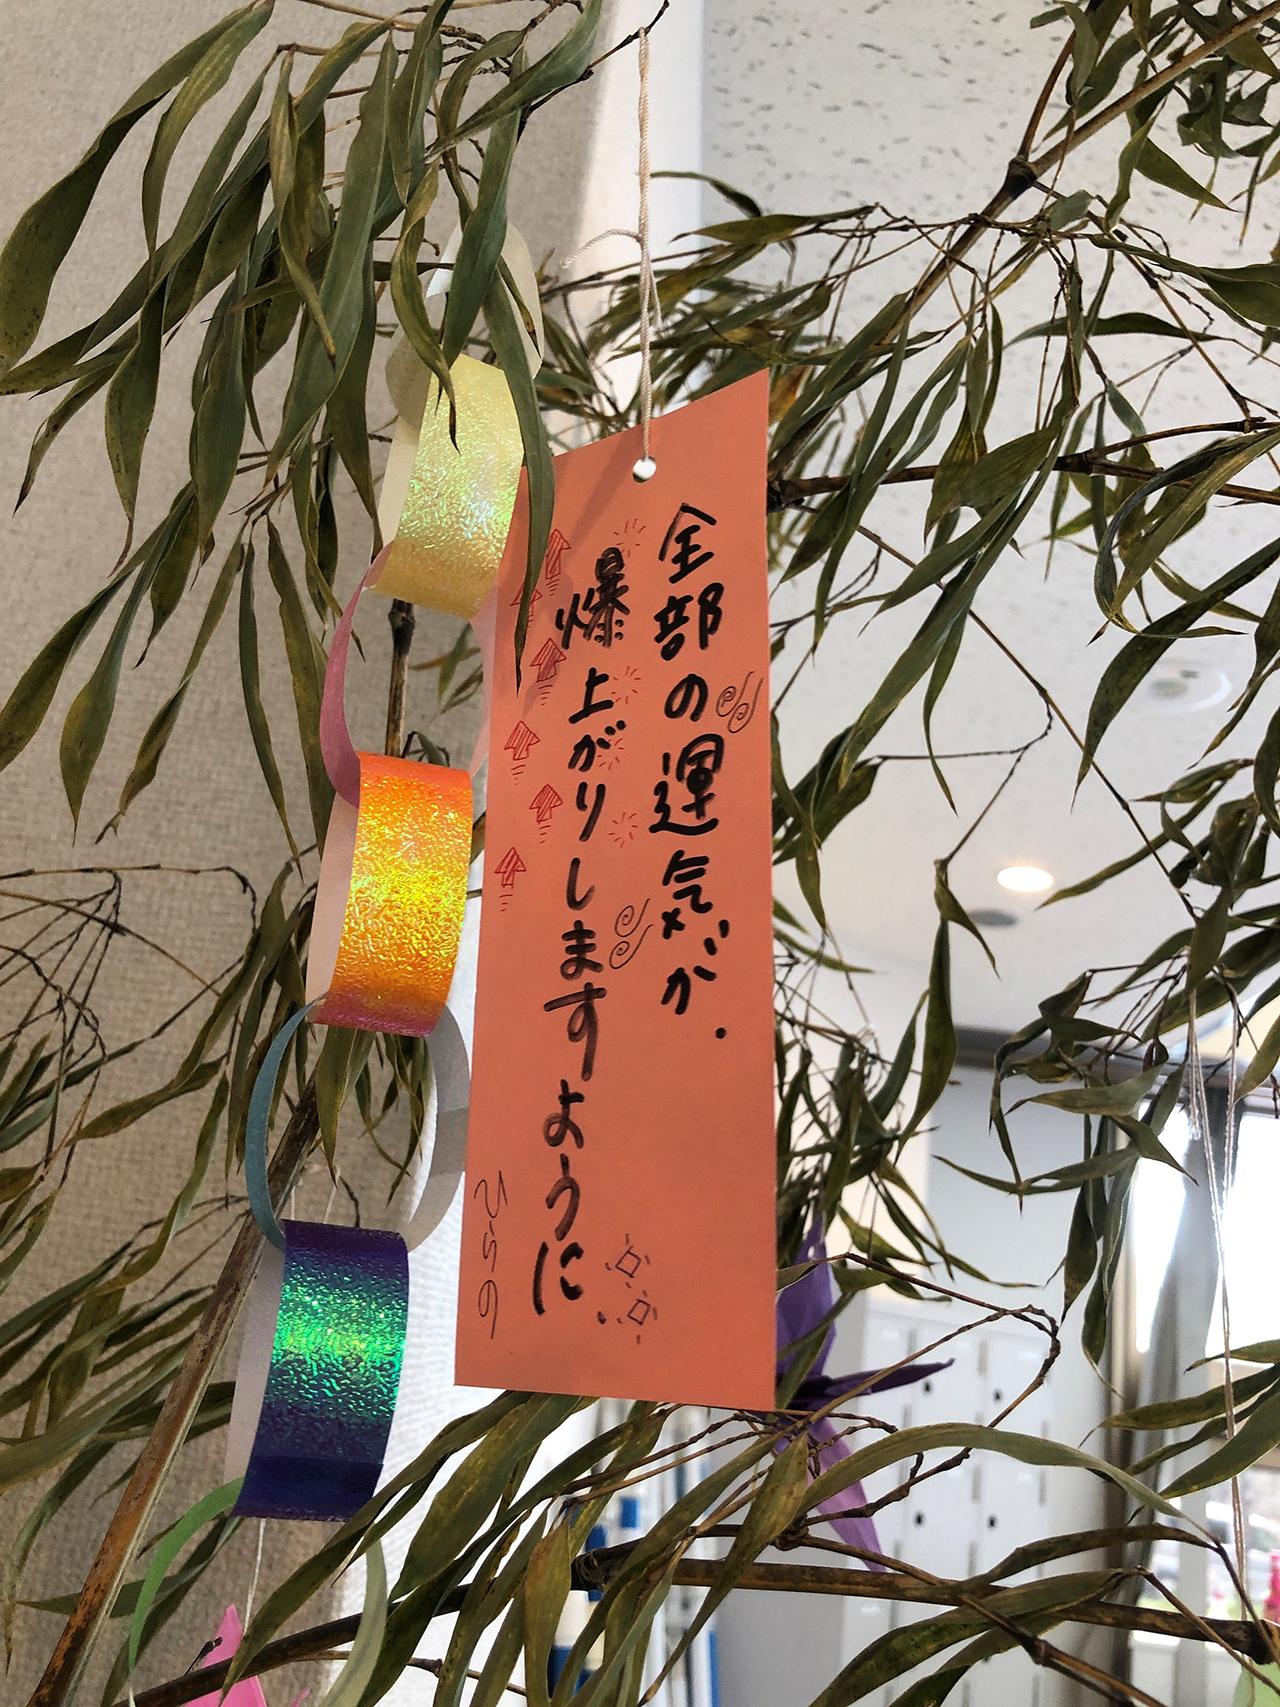 平野先生のお願い事も素敵です。